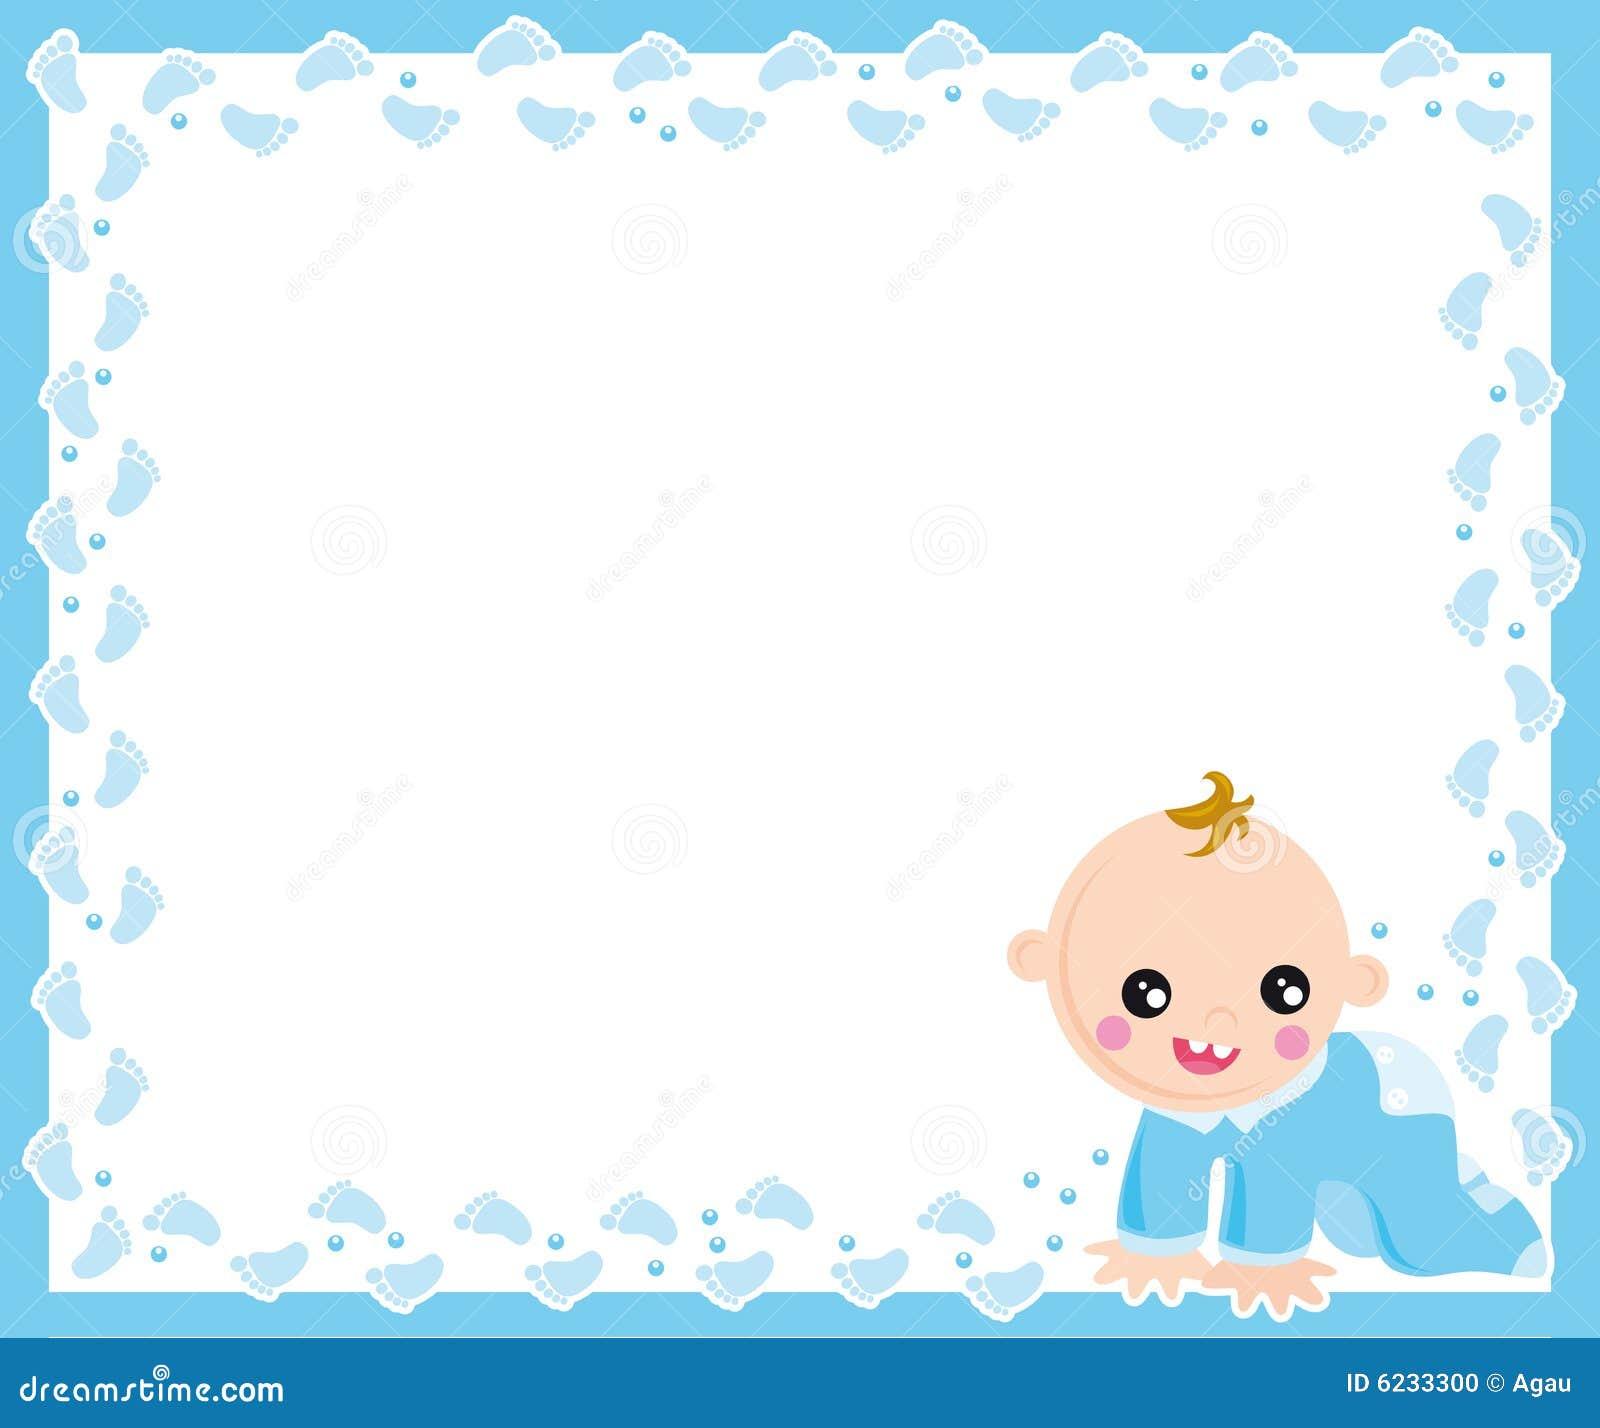 Baby boy frame stock vector. Illustration of child, birthday - 6233300